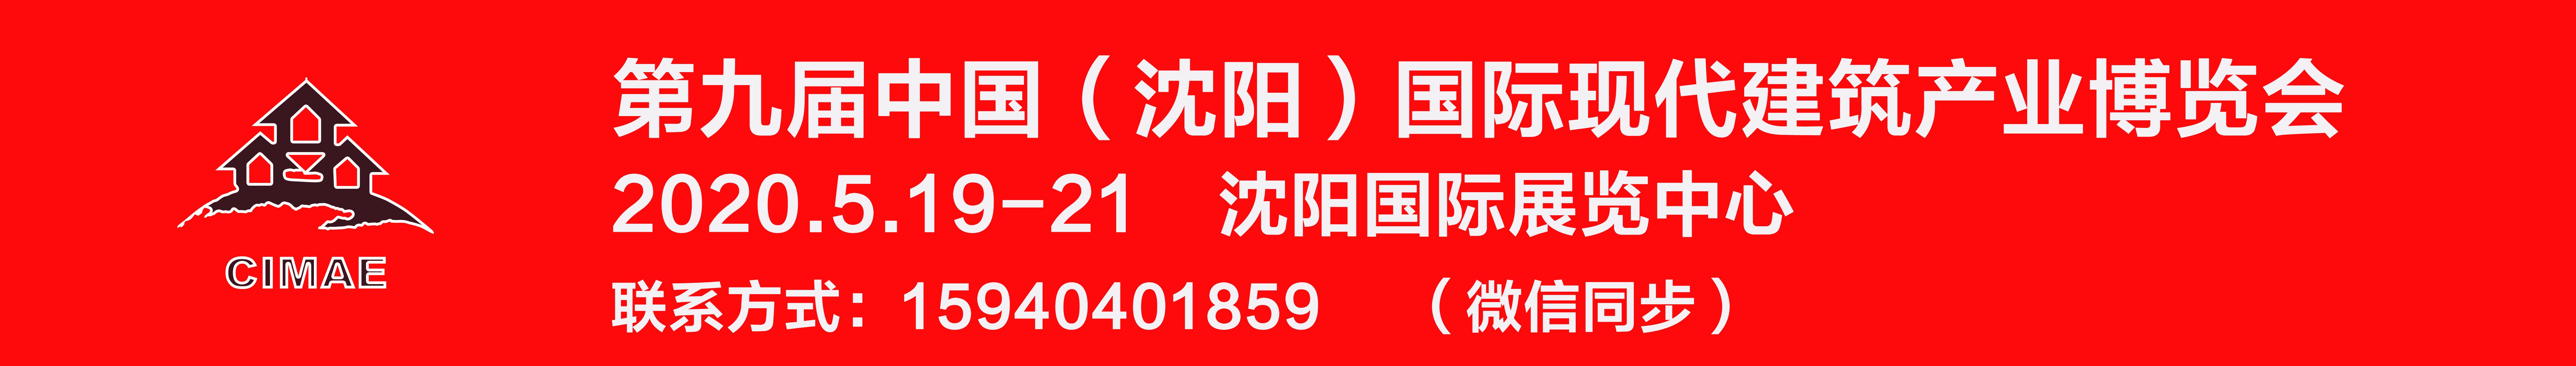 2020年5月18日-20日第九届中国(沈阳)国际现代建筑产业博览会